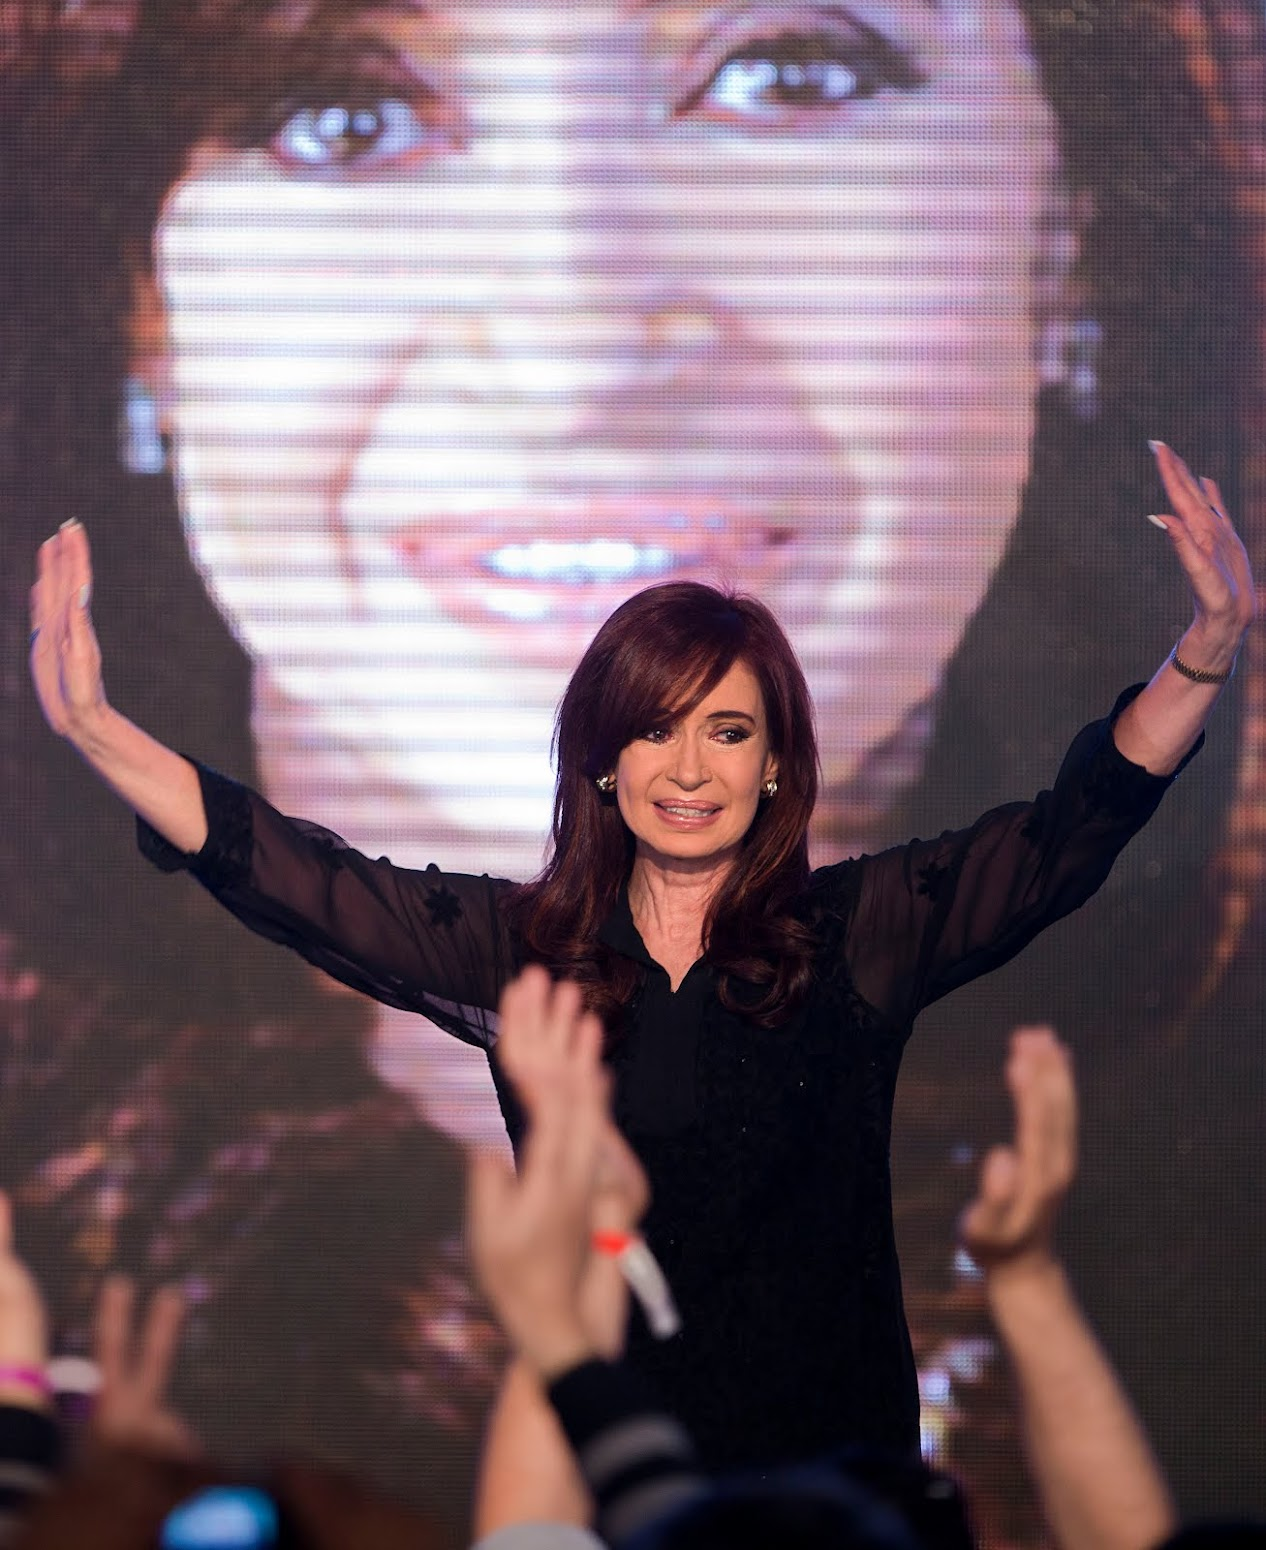 http://2.bp.blogspot.com/-RTVJHUwc6r0/UER8PSsK_4I/AAAAAAAAIpE/WGshCaQxzUQ/s1550/cristina-fernandez-reeleccion-argentina2.jpg